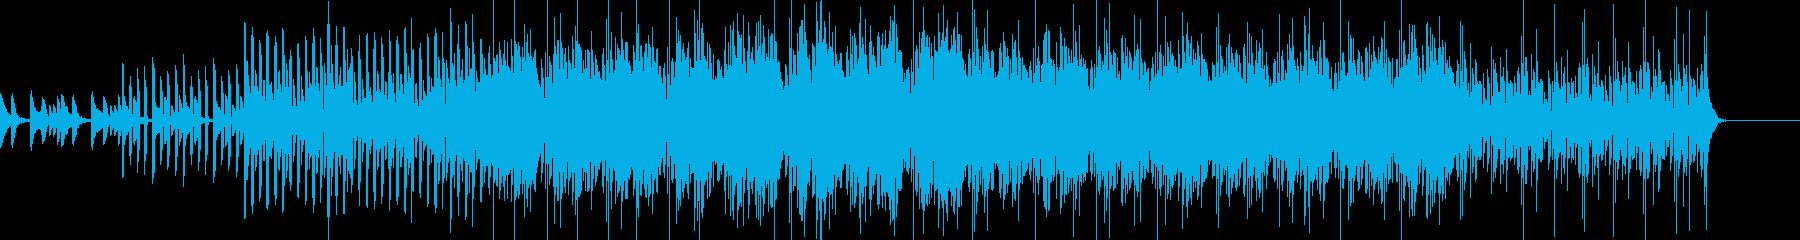 ポップスの再生済みの波形